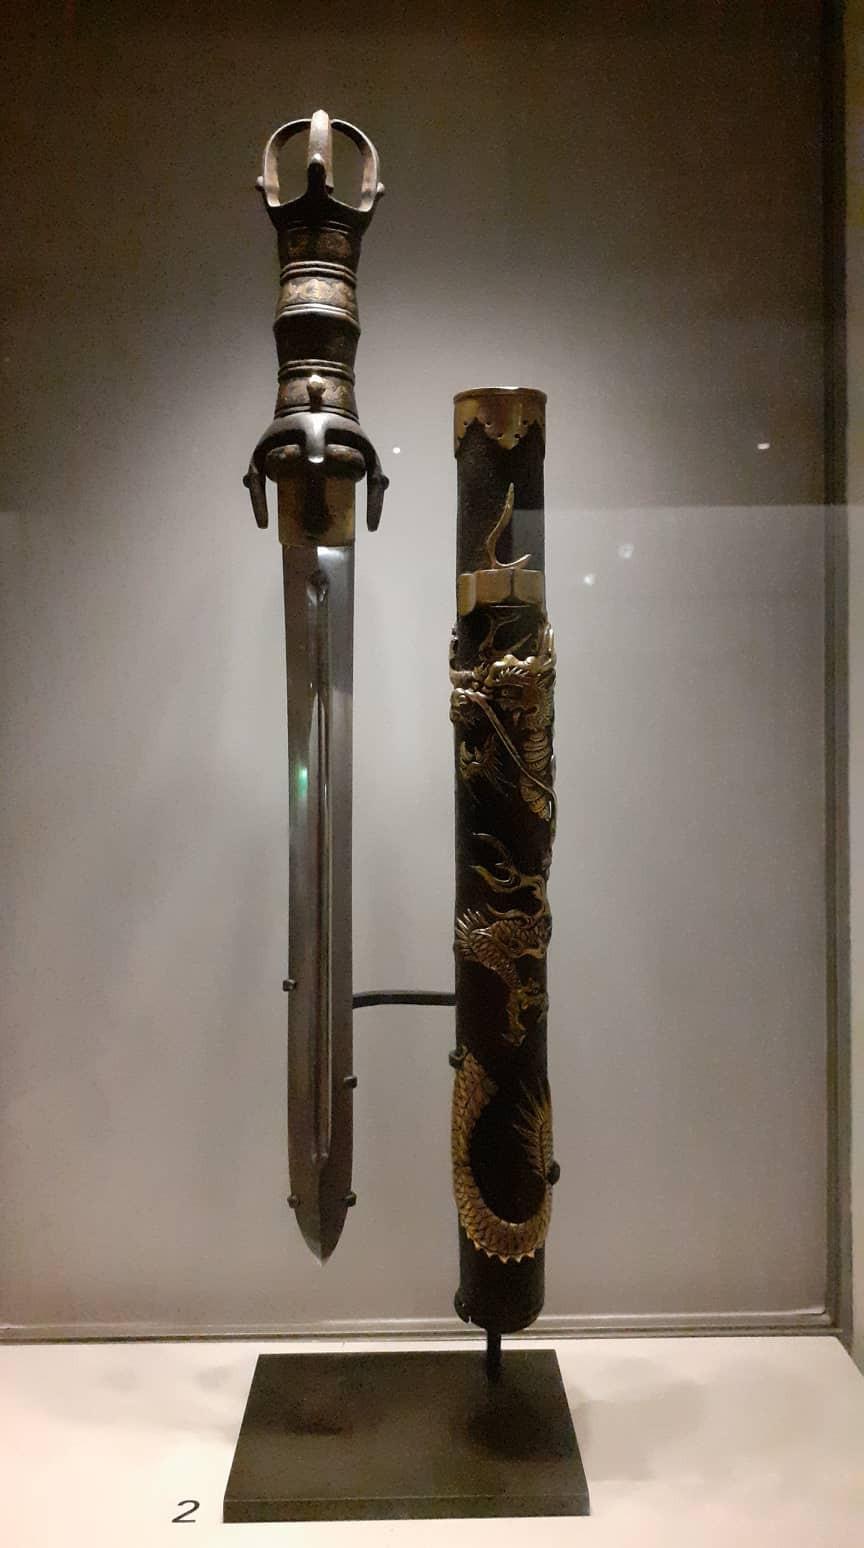 La spada di Fudo (金剛剣, kongō-ken), spada vajra - foto del museo Guimet di arti orientali di Parigi